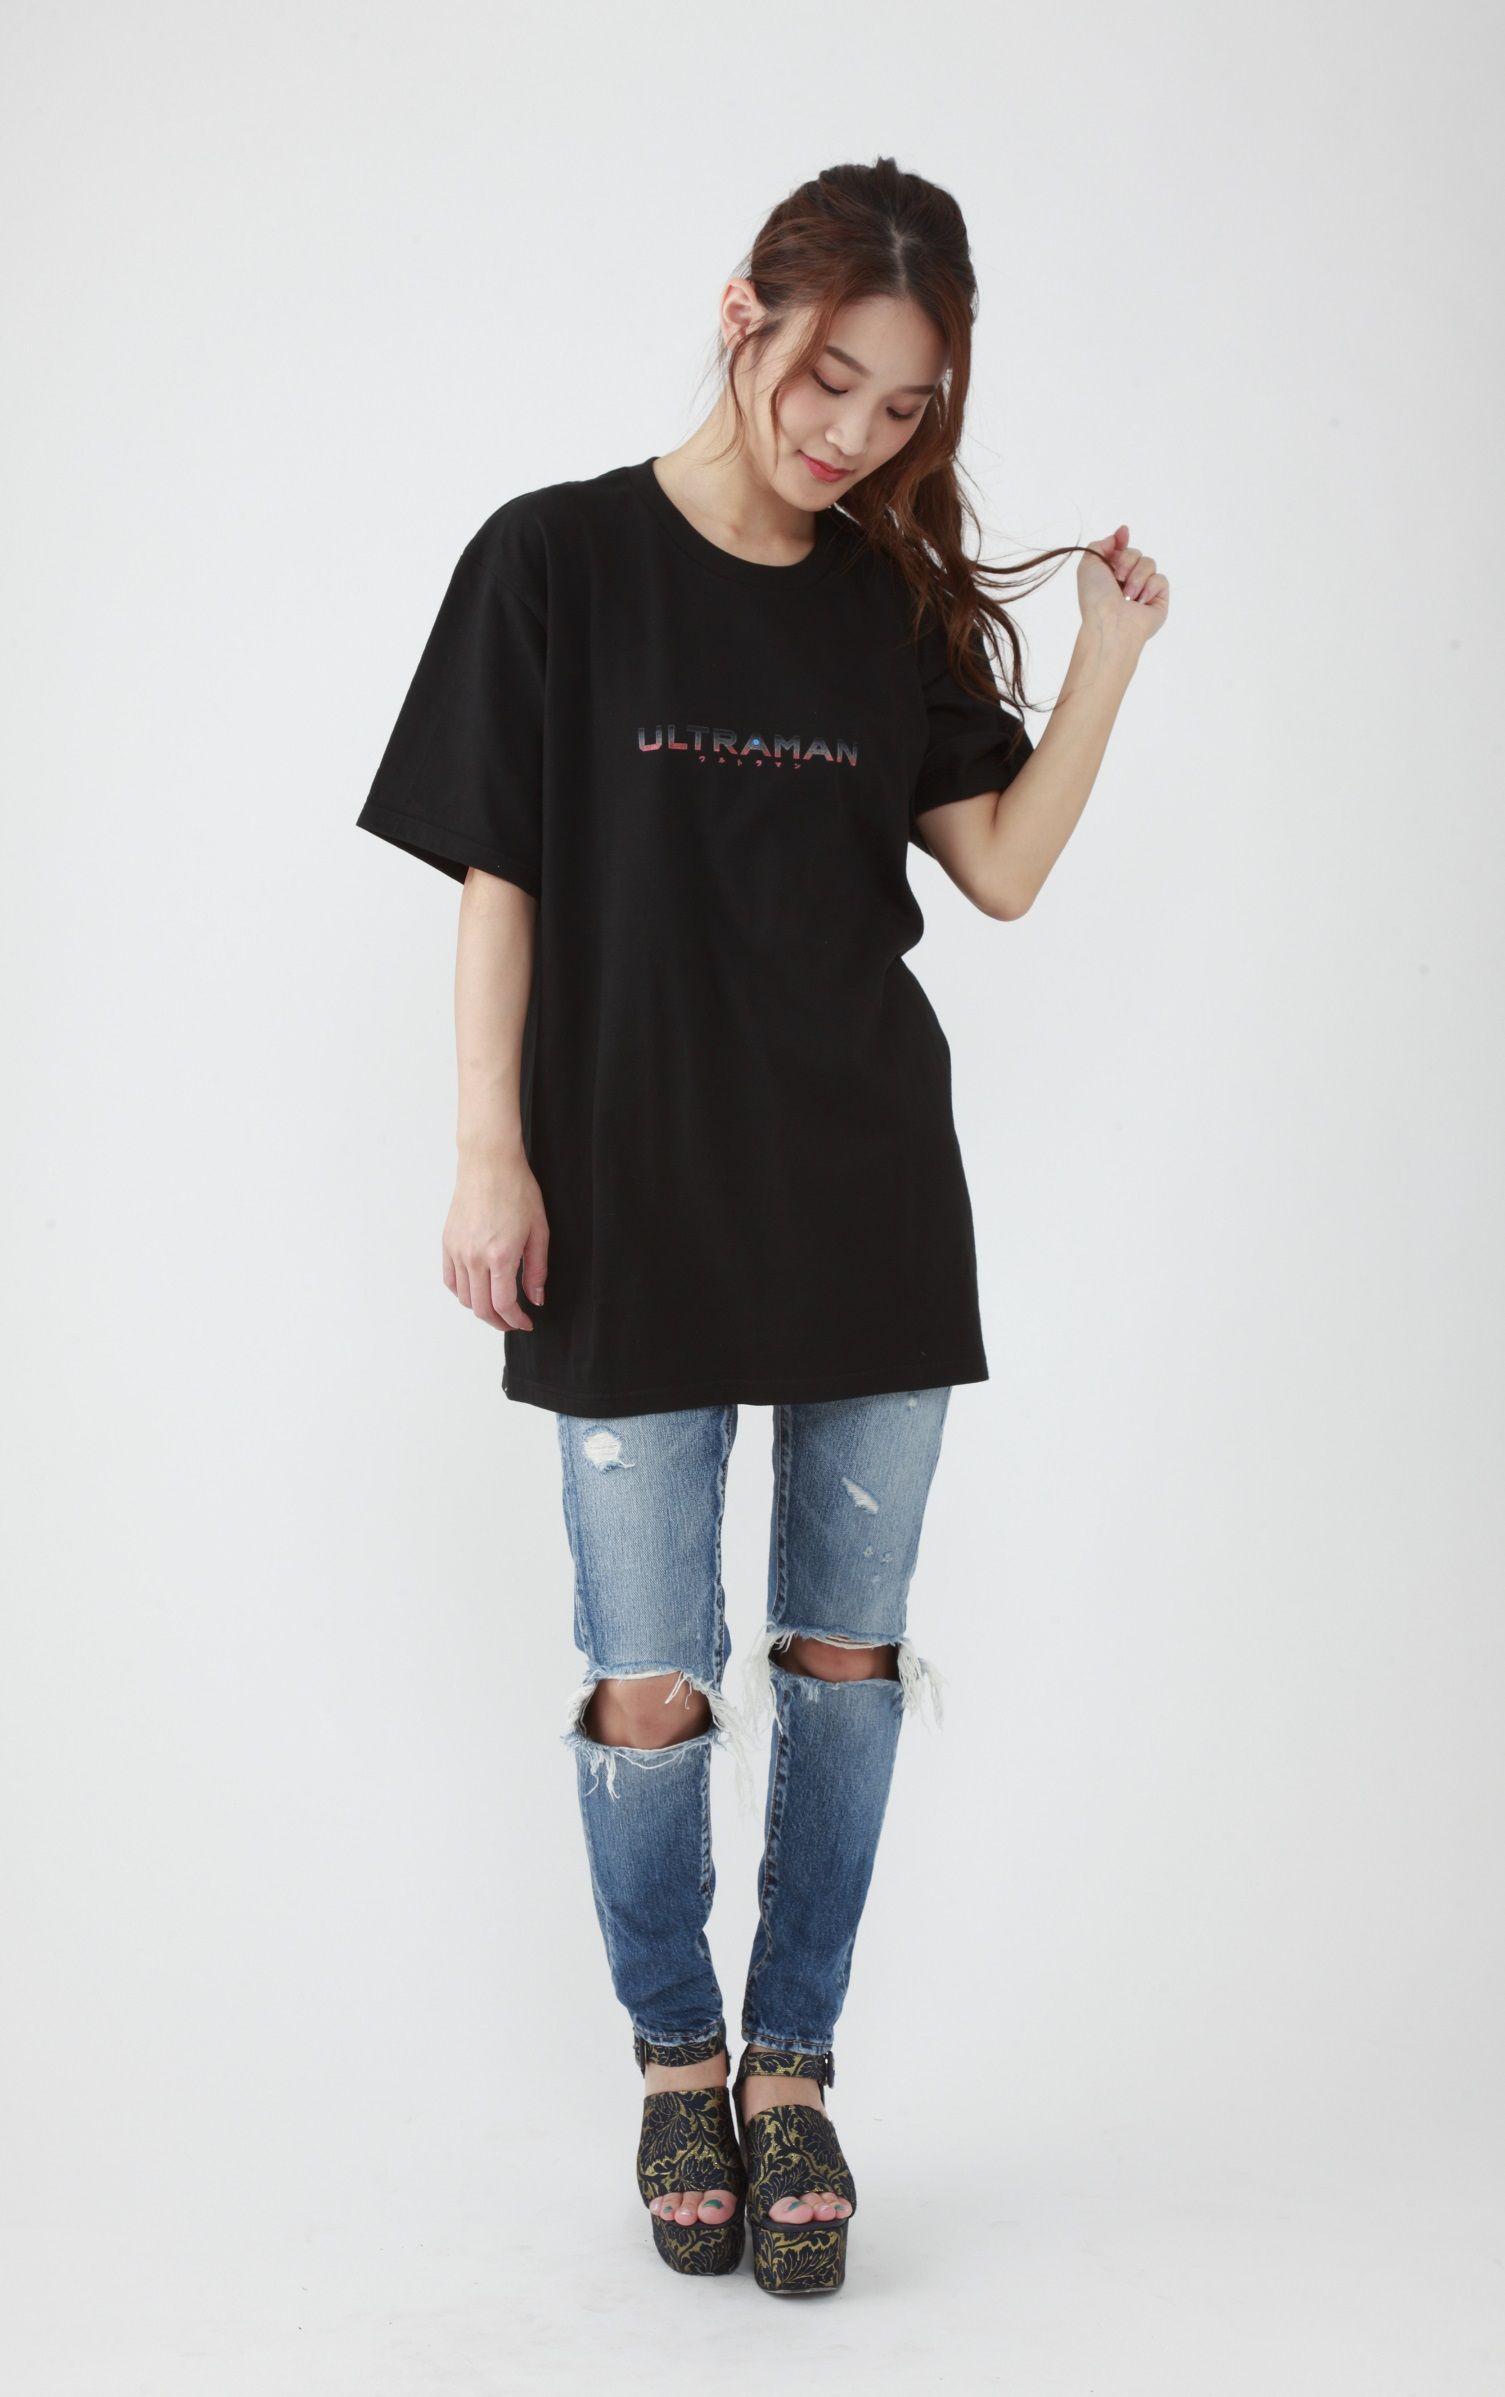 ULTRAMAN T-shirt - Title Logo ver.